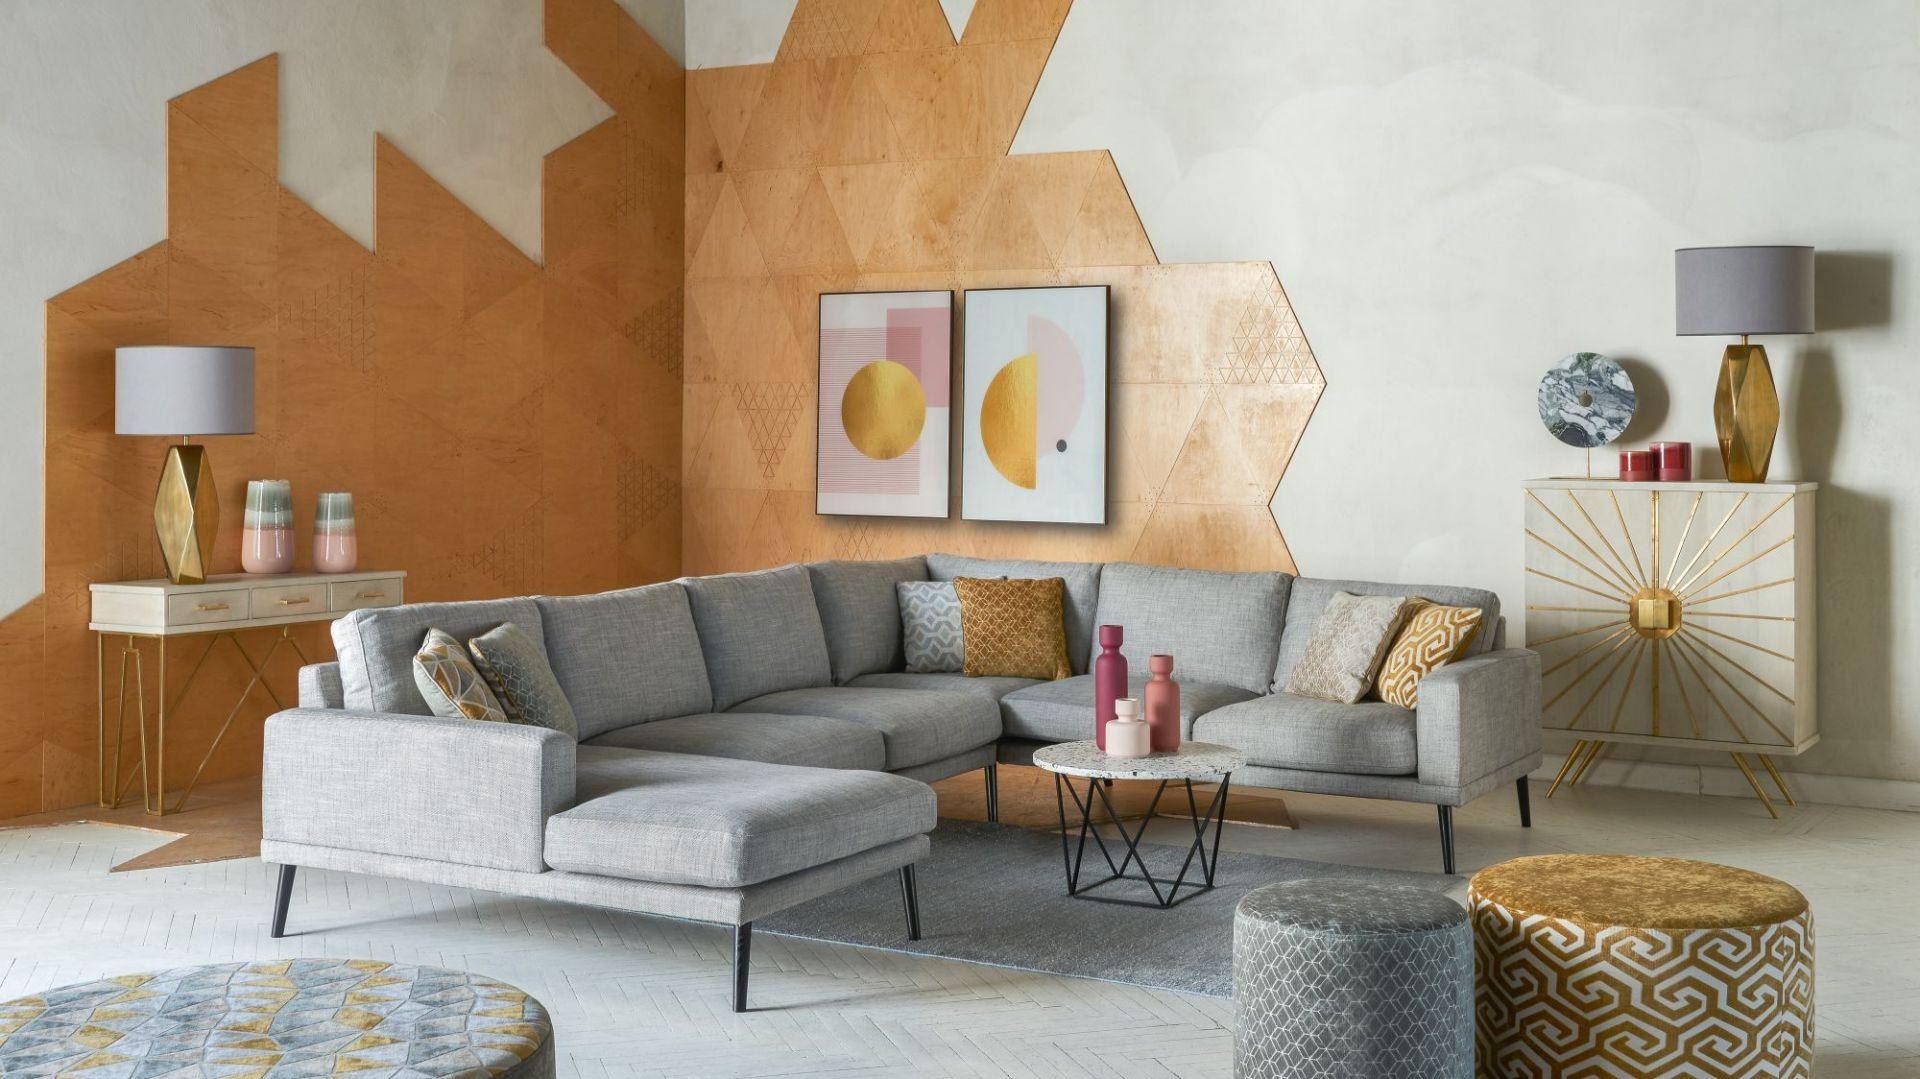 Geometric Pastels - nowa kolekcja marki Miloo Home. Fot. Miloo